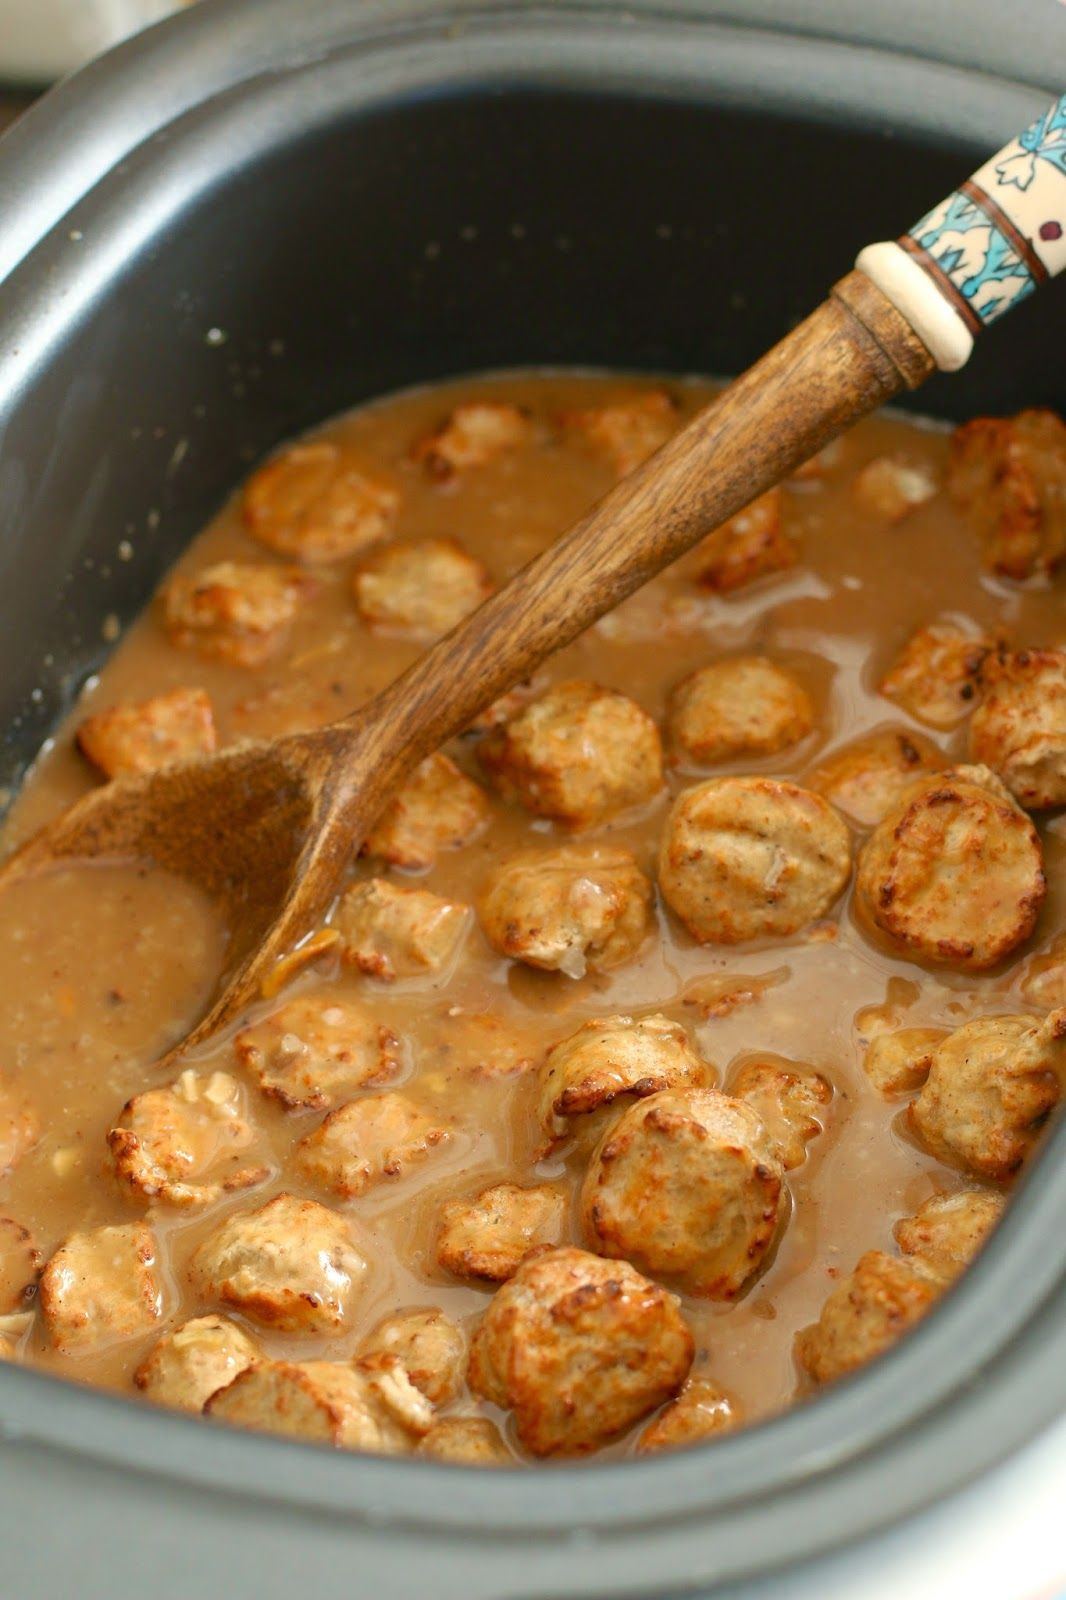 Crock pot swedish meatballs recipe cooking recipes